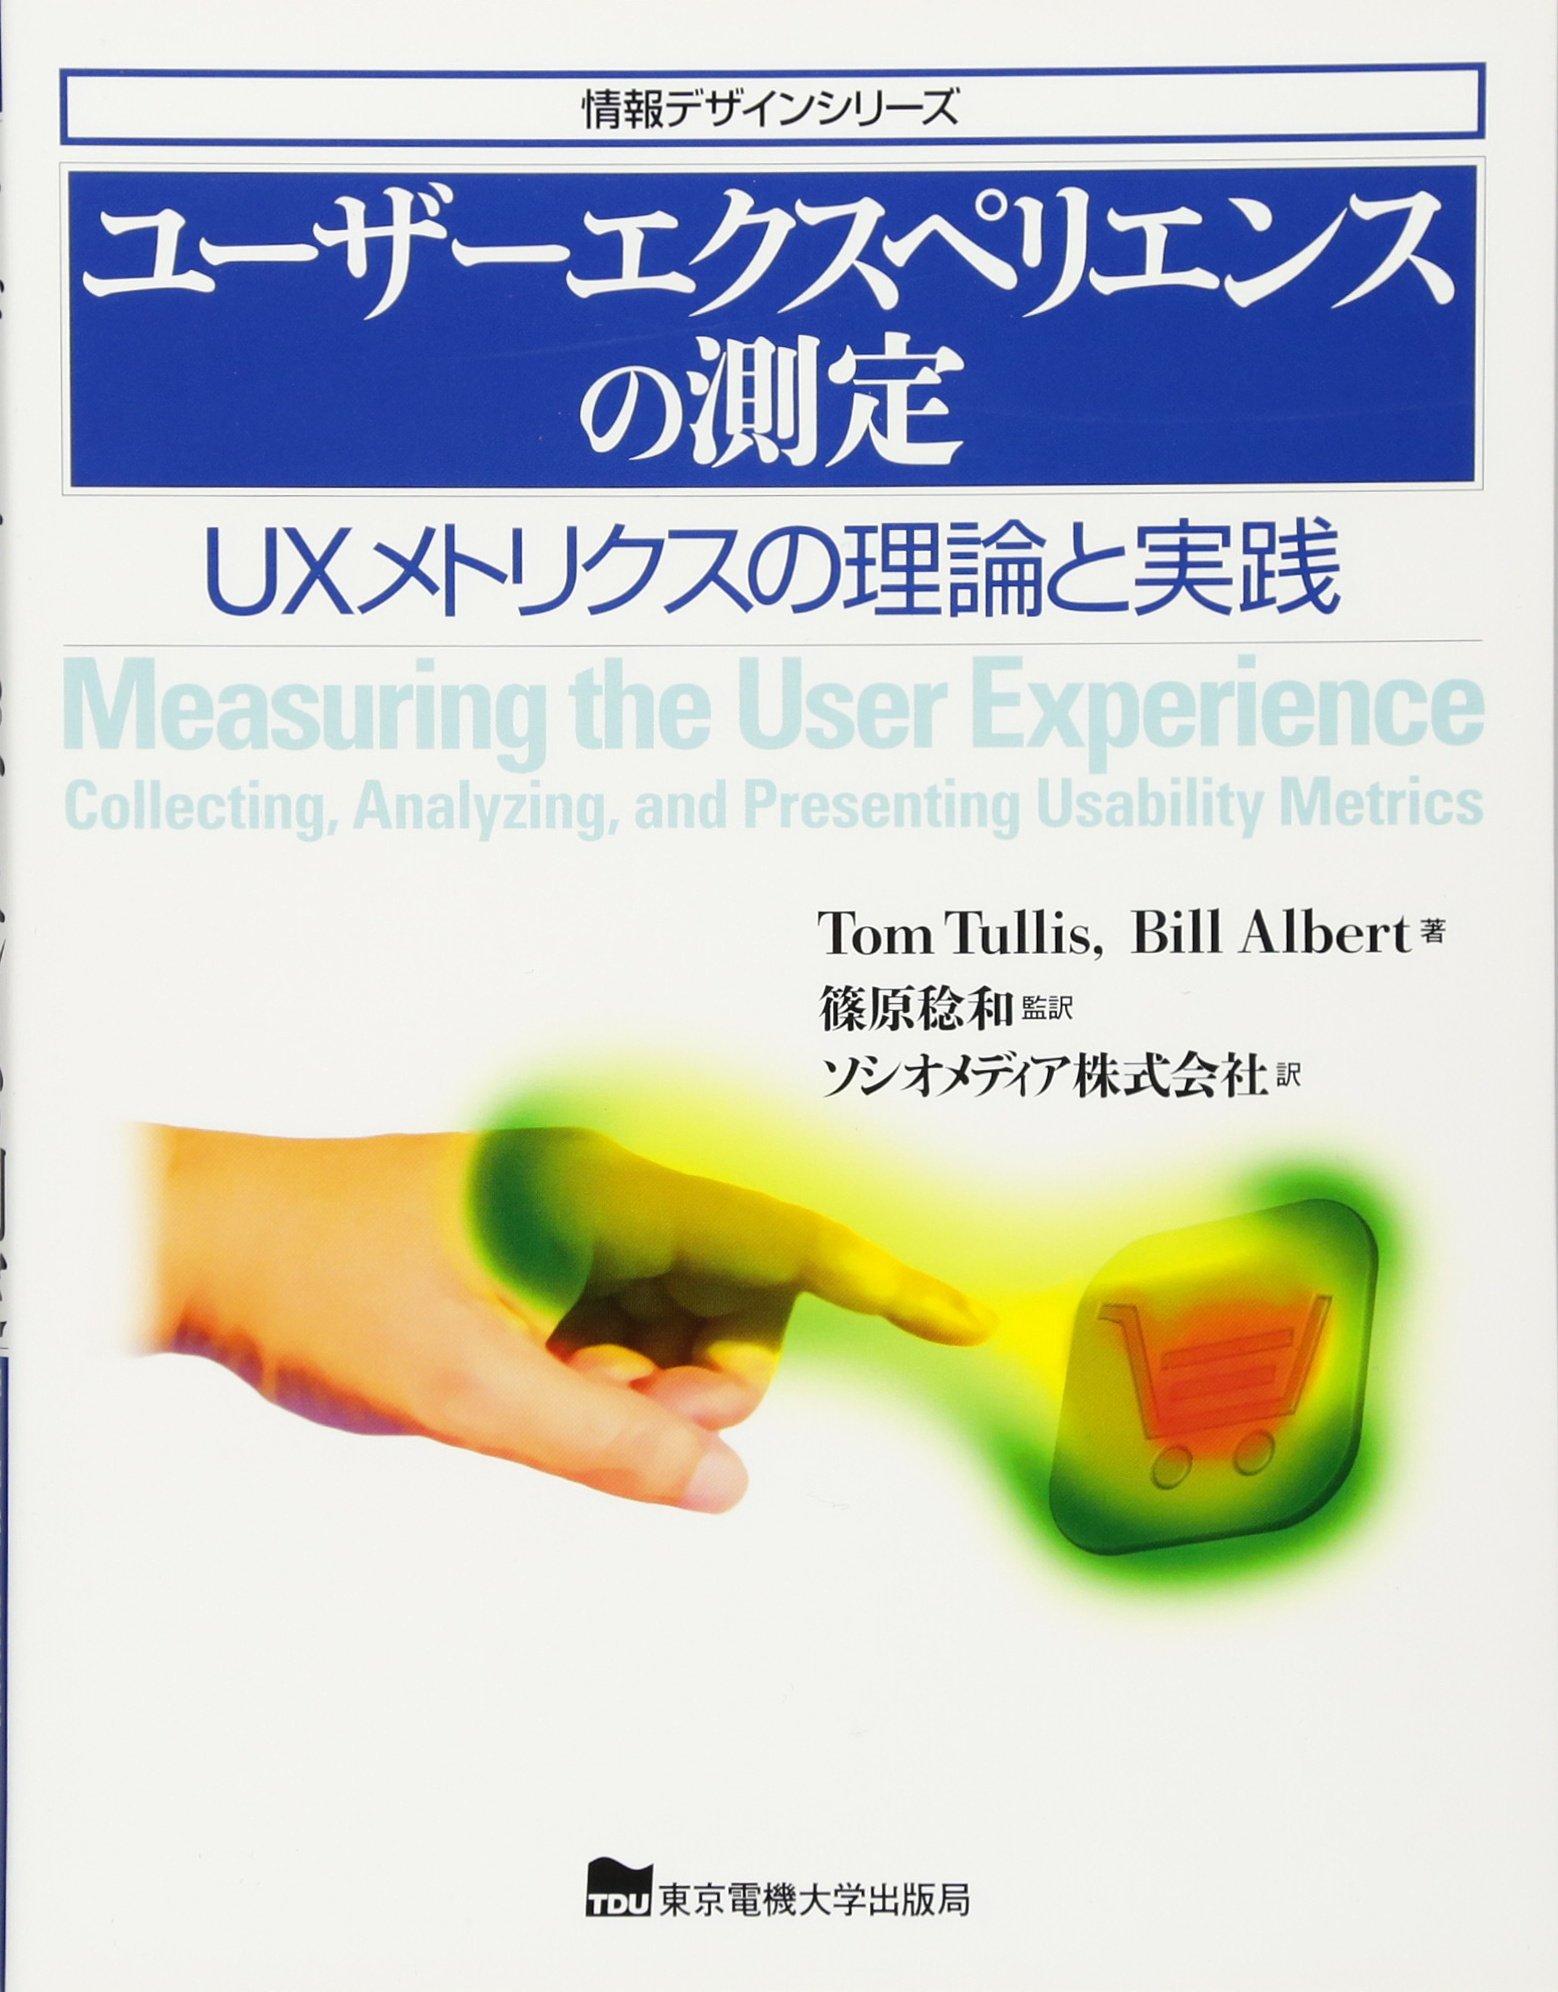 Download Yuza ekusuperiensu no sokutei : Yuekkusu metorikusu no riron to jissen. pdf